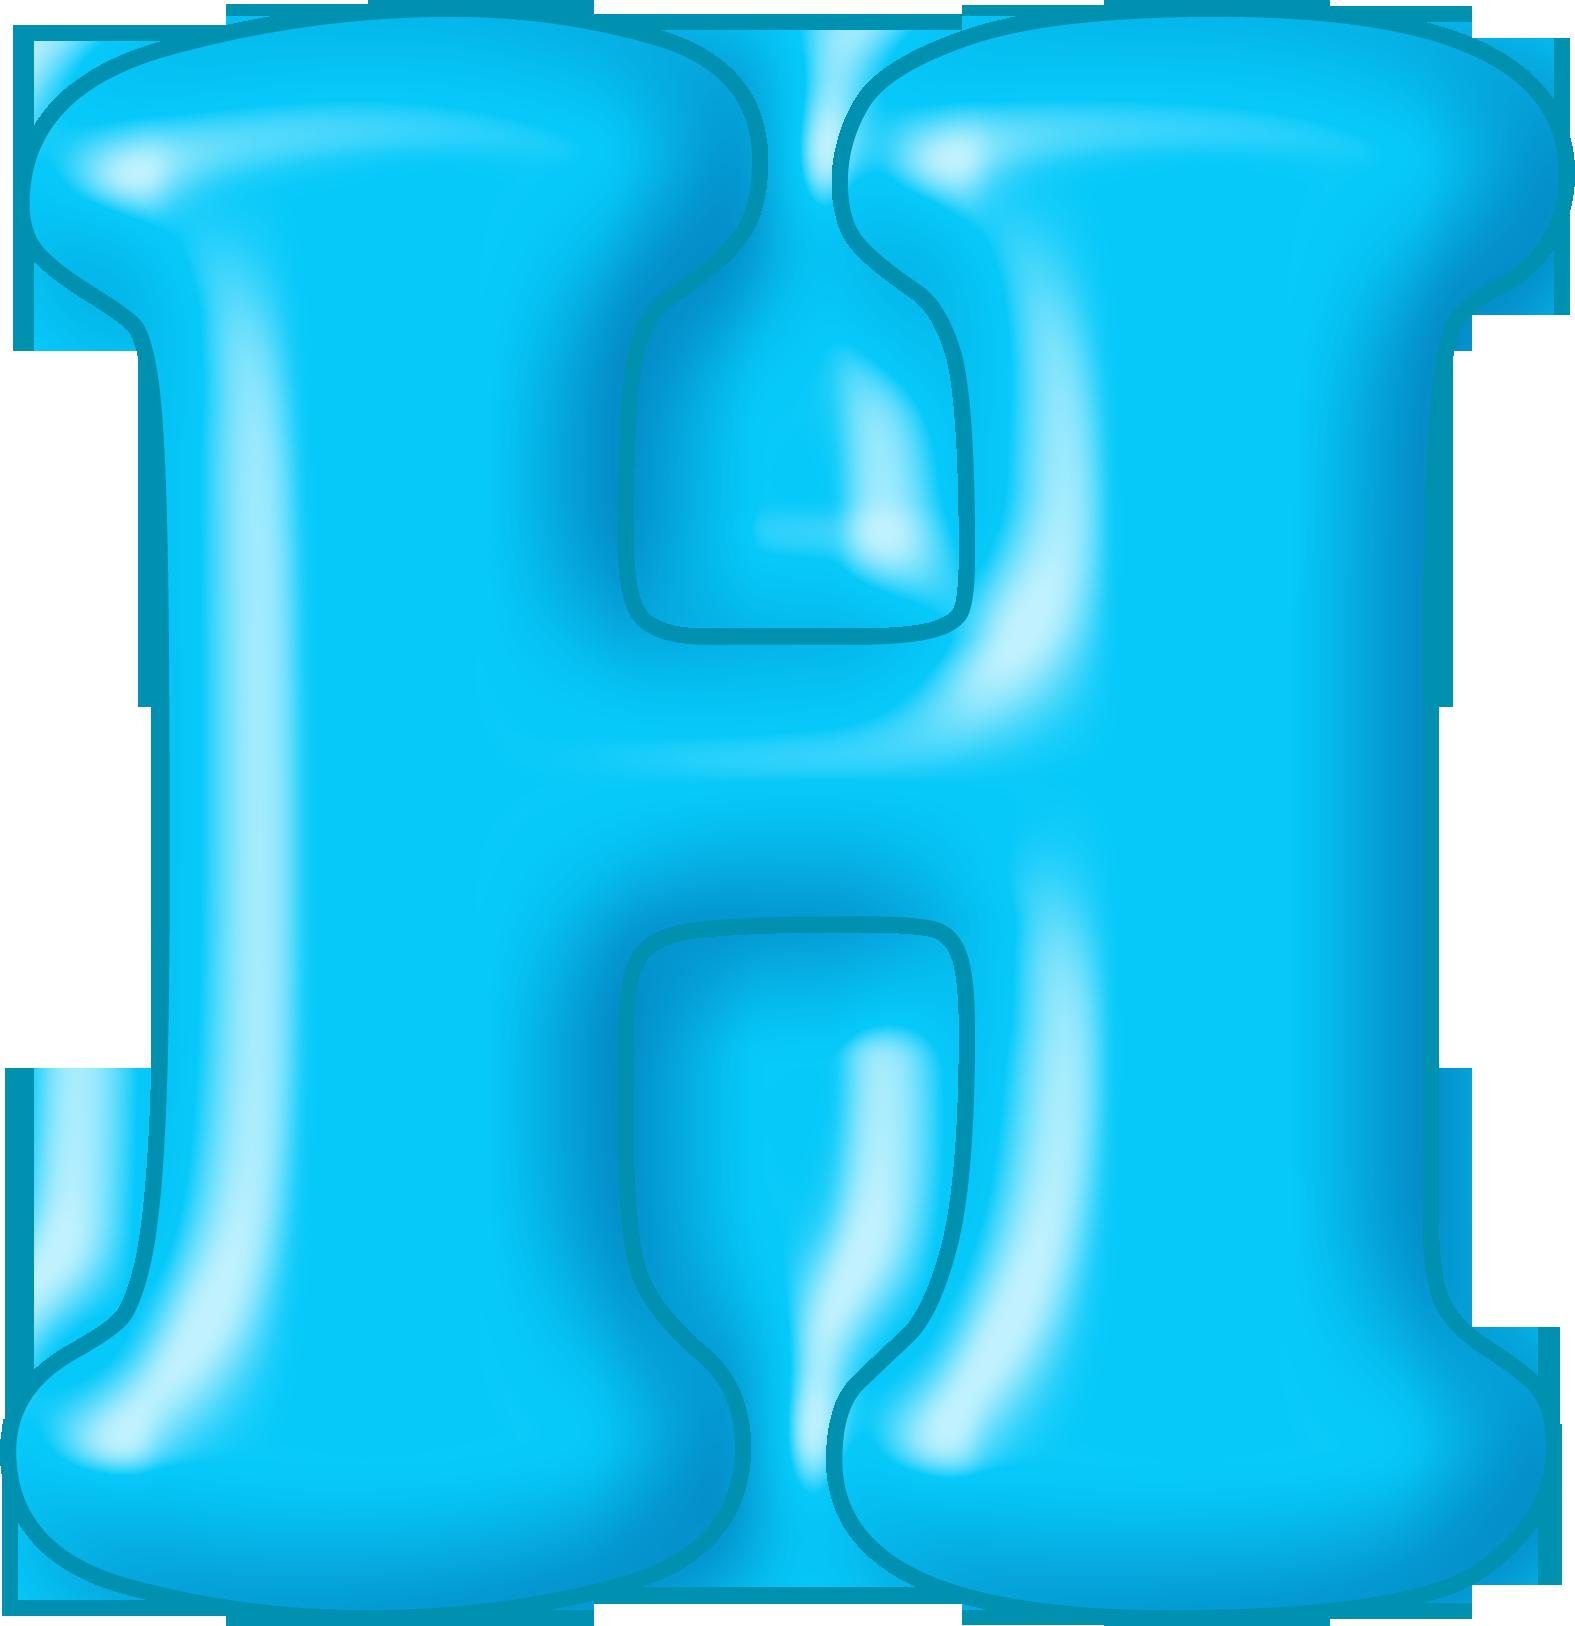 алфавит русский красивые буквы картинки